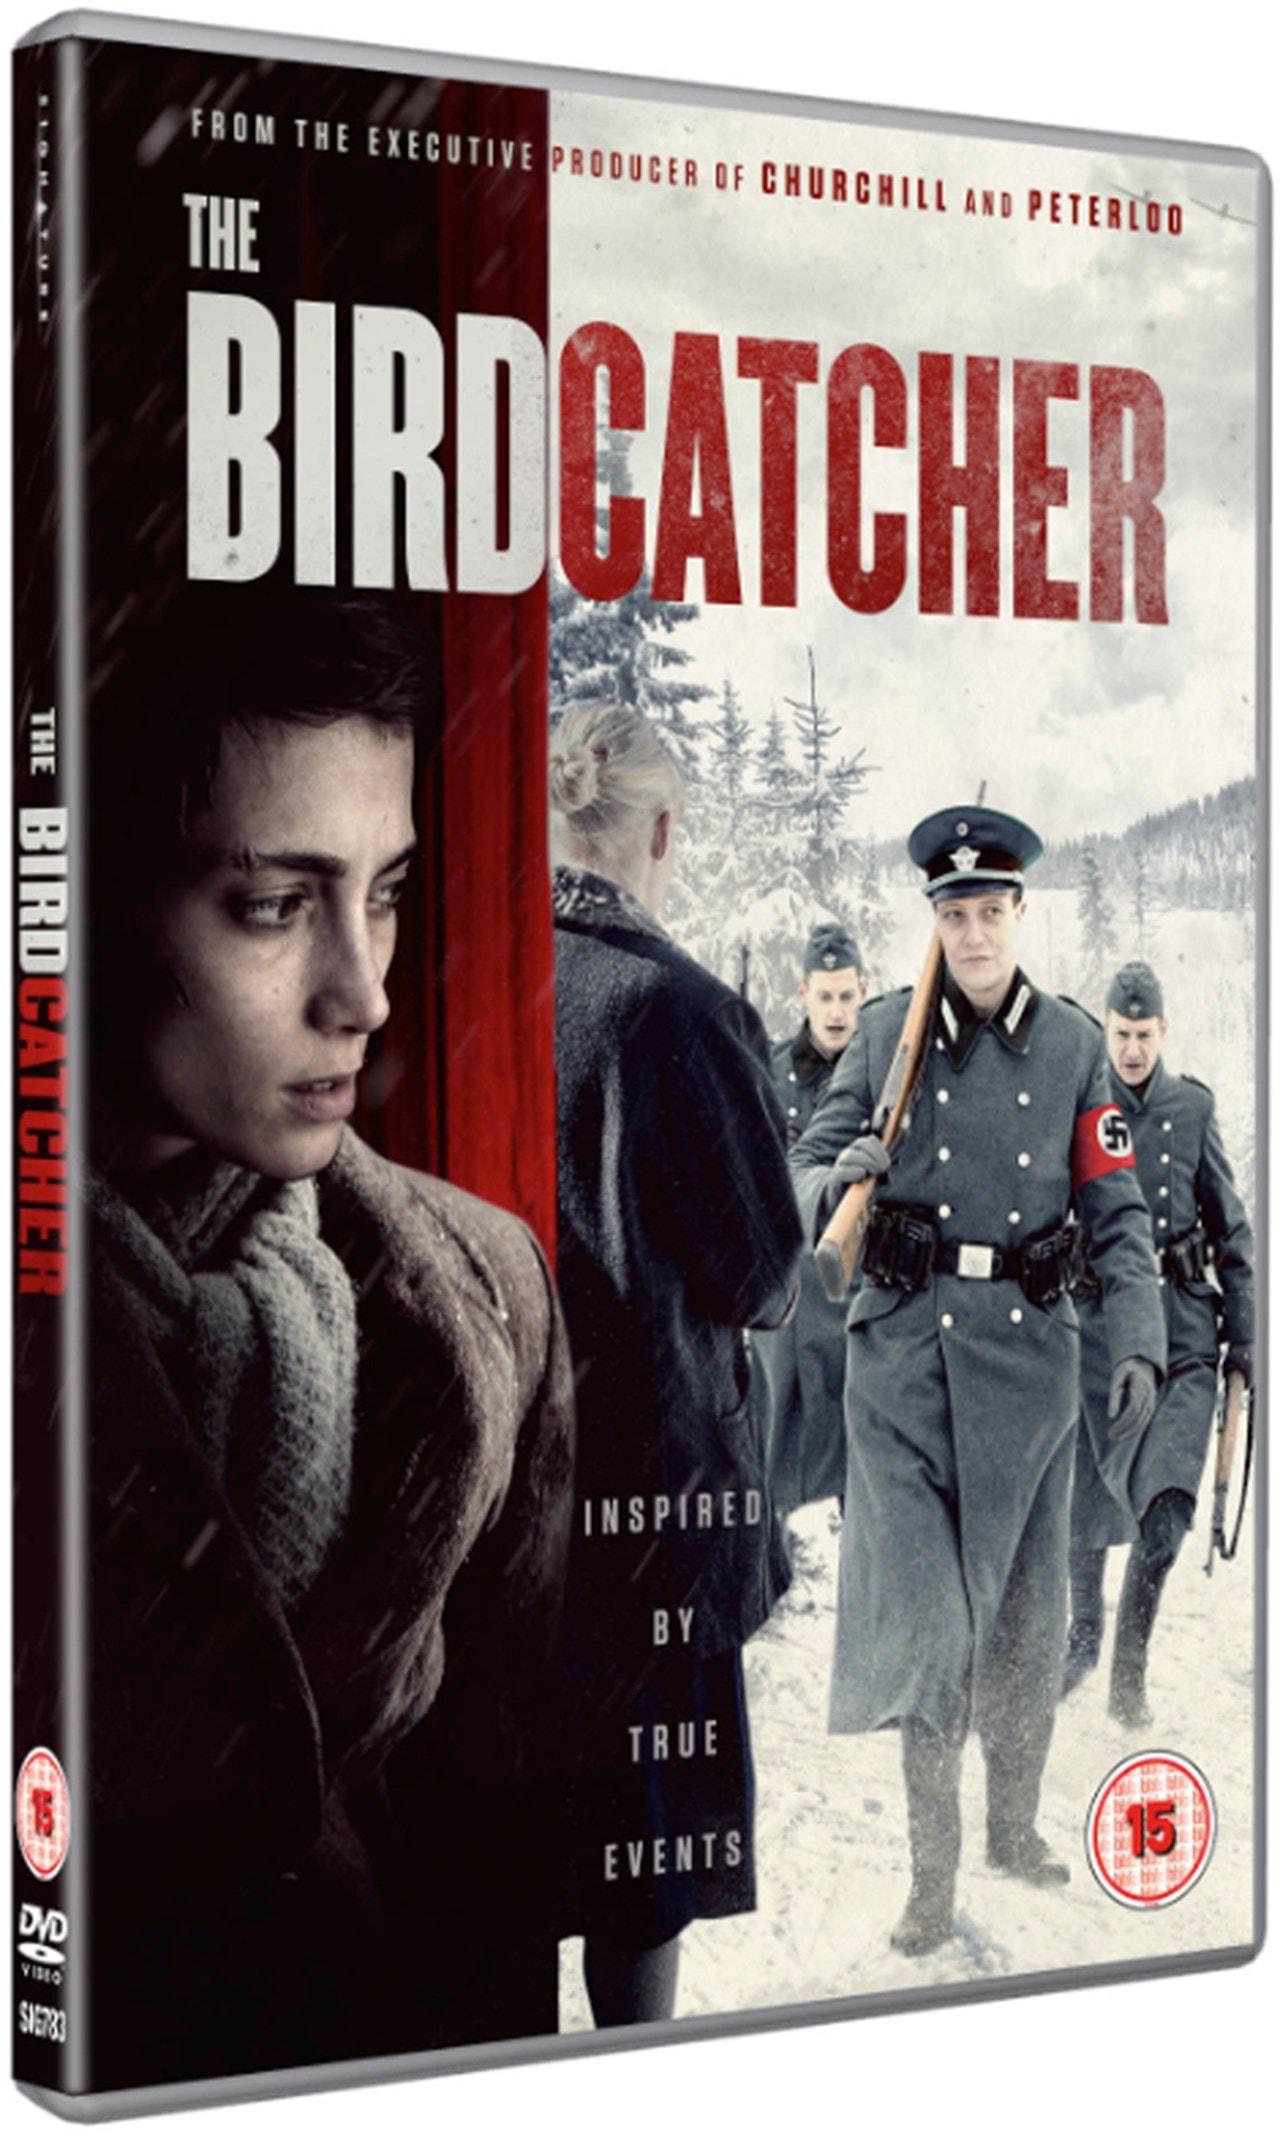 The Birdcatcher - 2